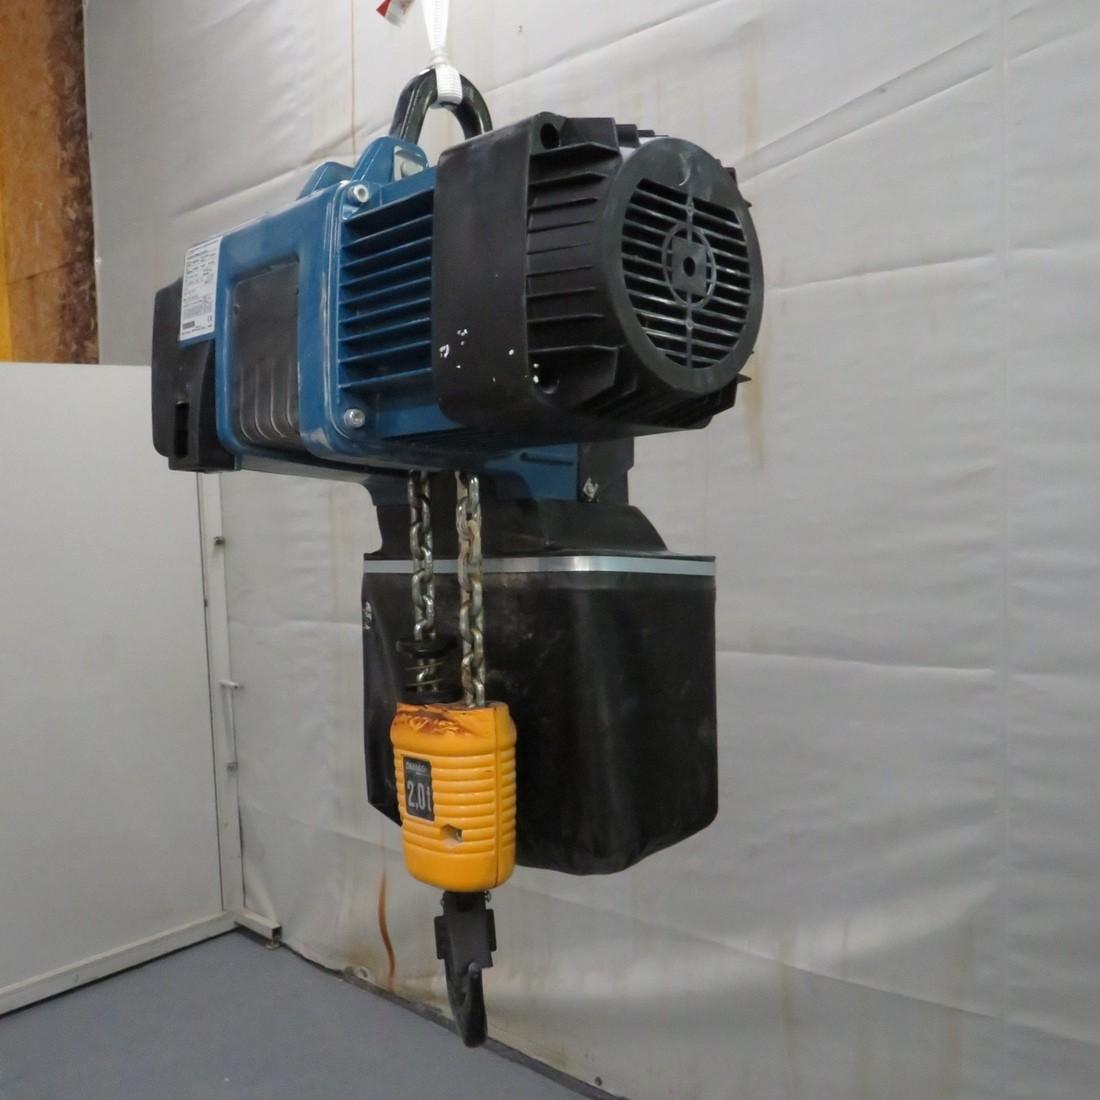 R4NC140 DEMAG electric chain hoist - 2000 kg